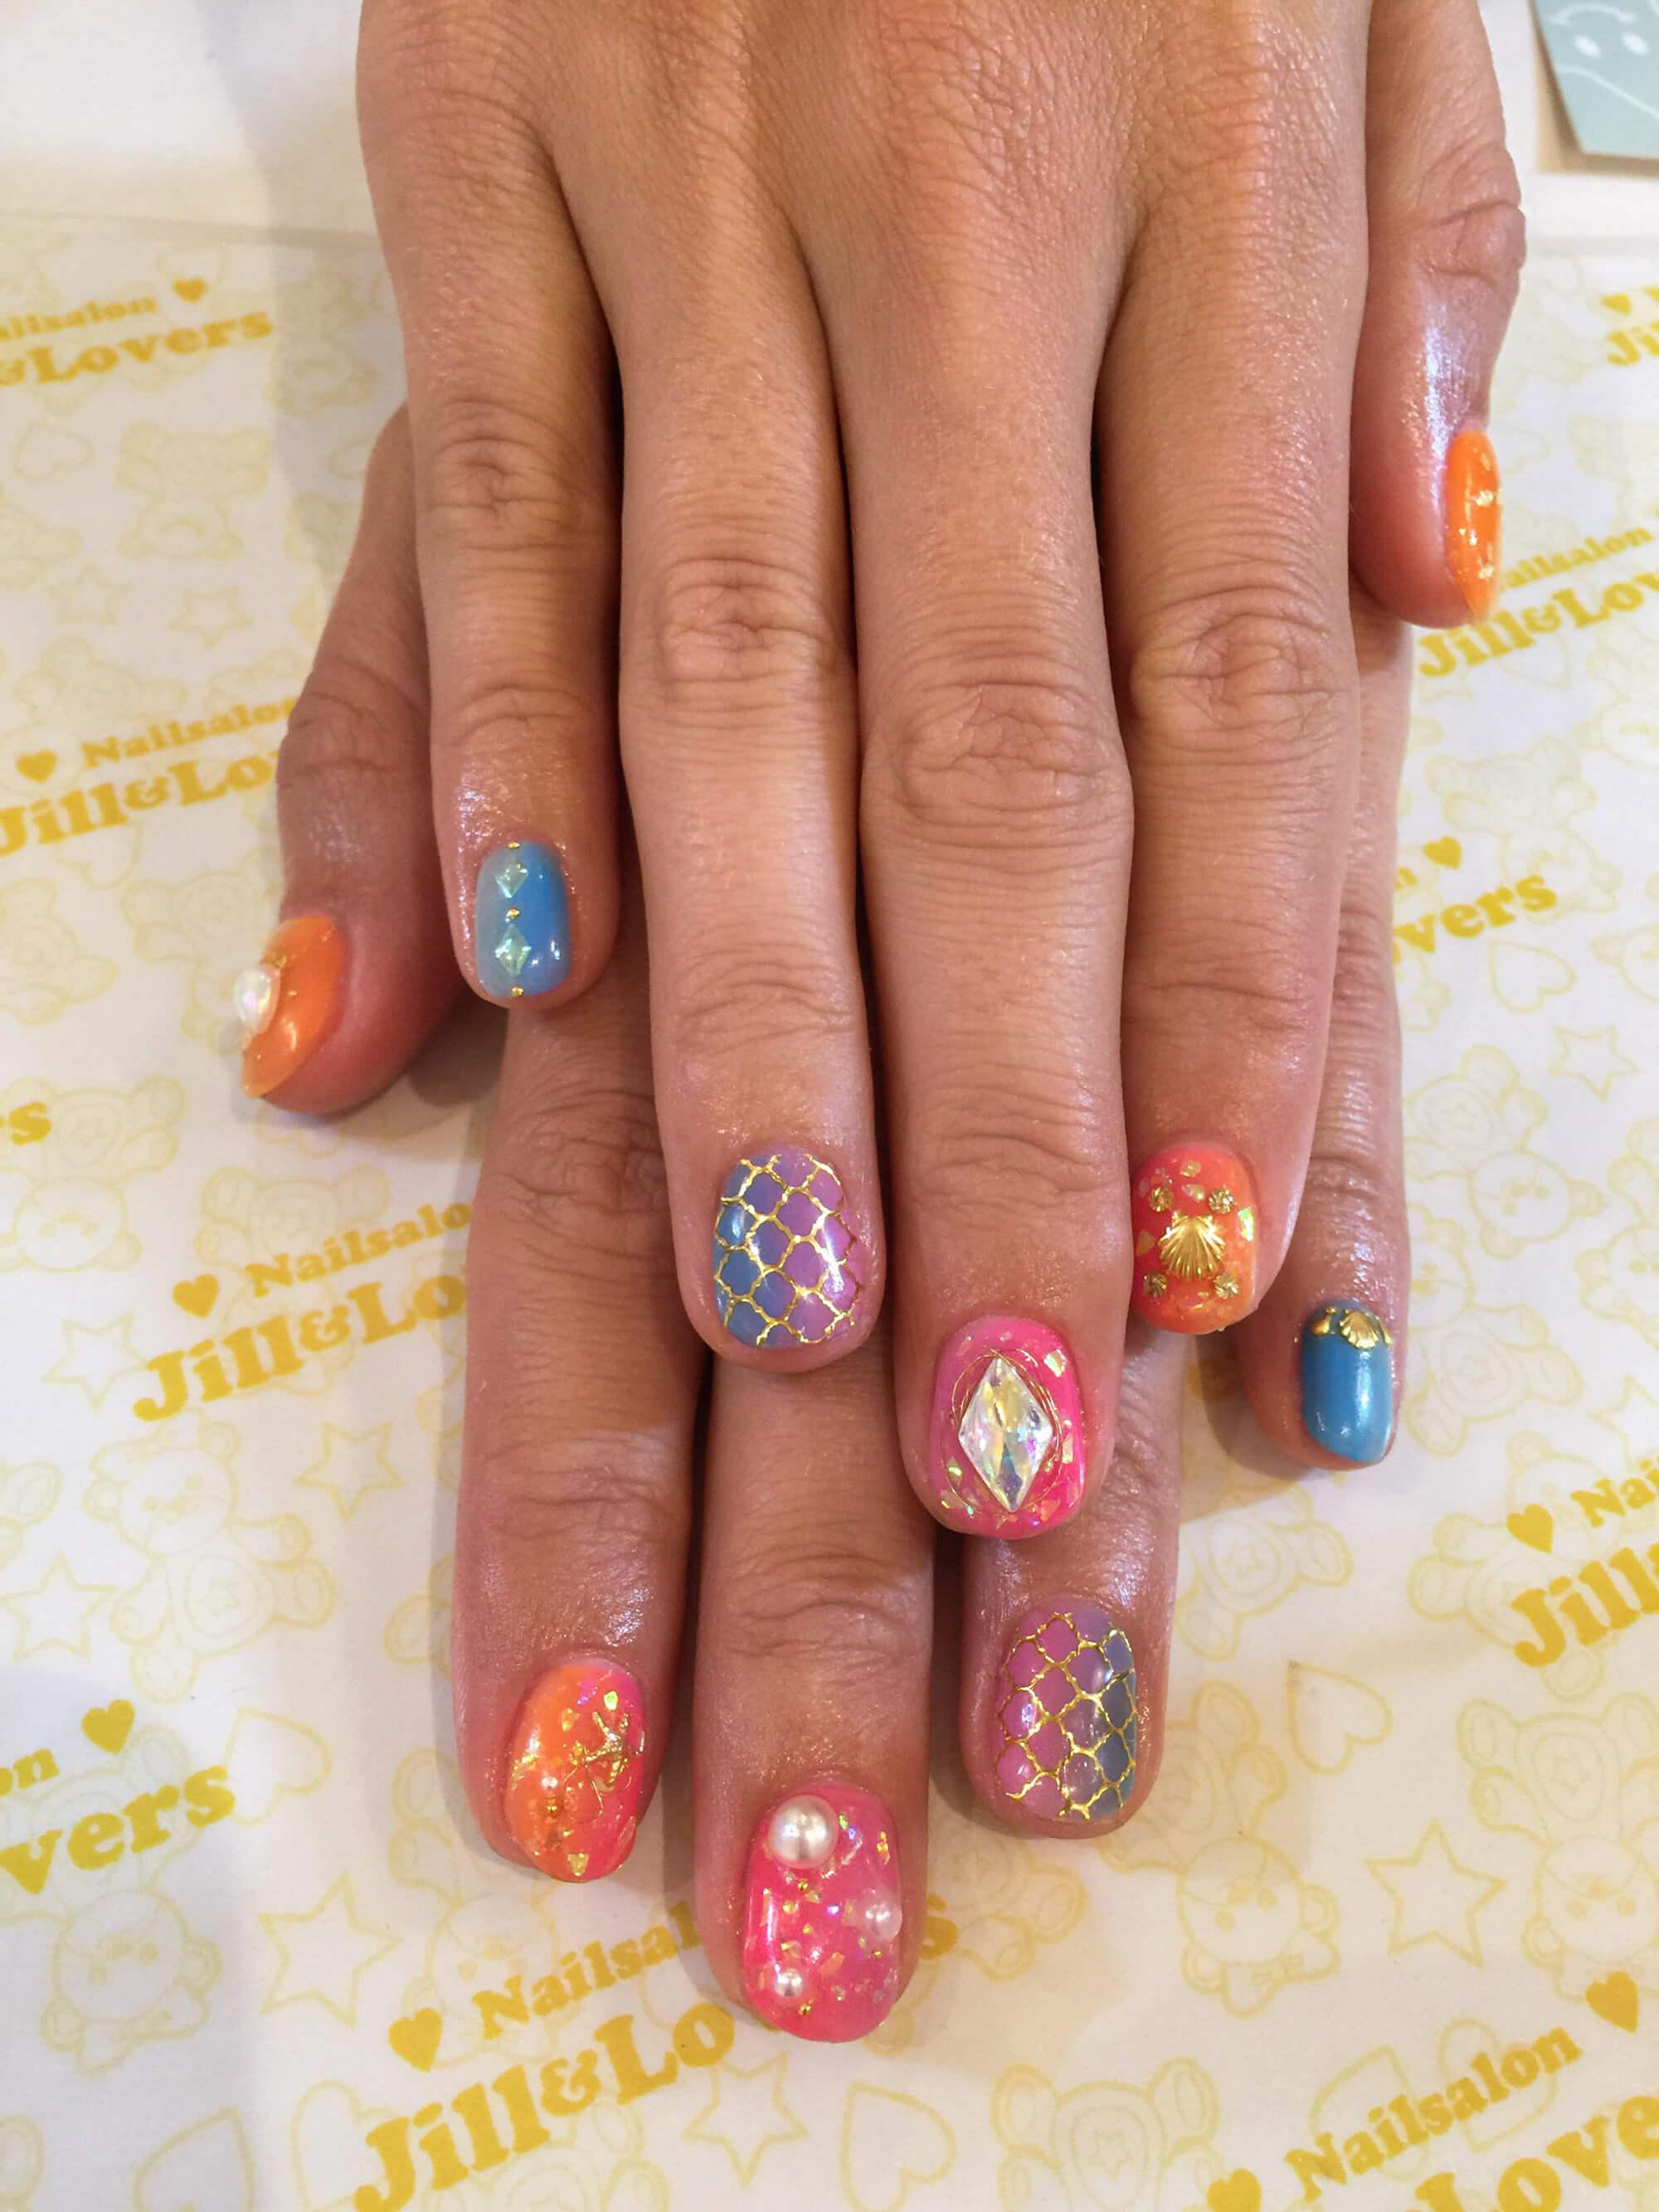 mermaid nails in japan